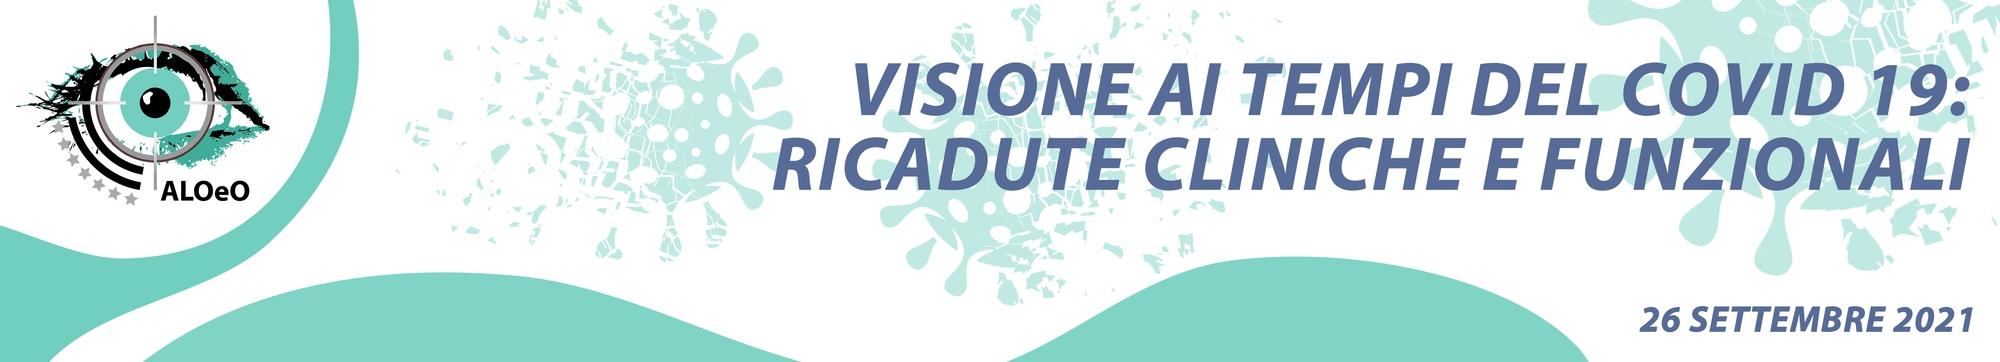 Congresso ALOeO 2021 - problemi di visualizzazione immagine